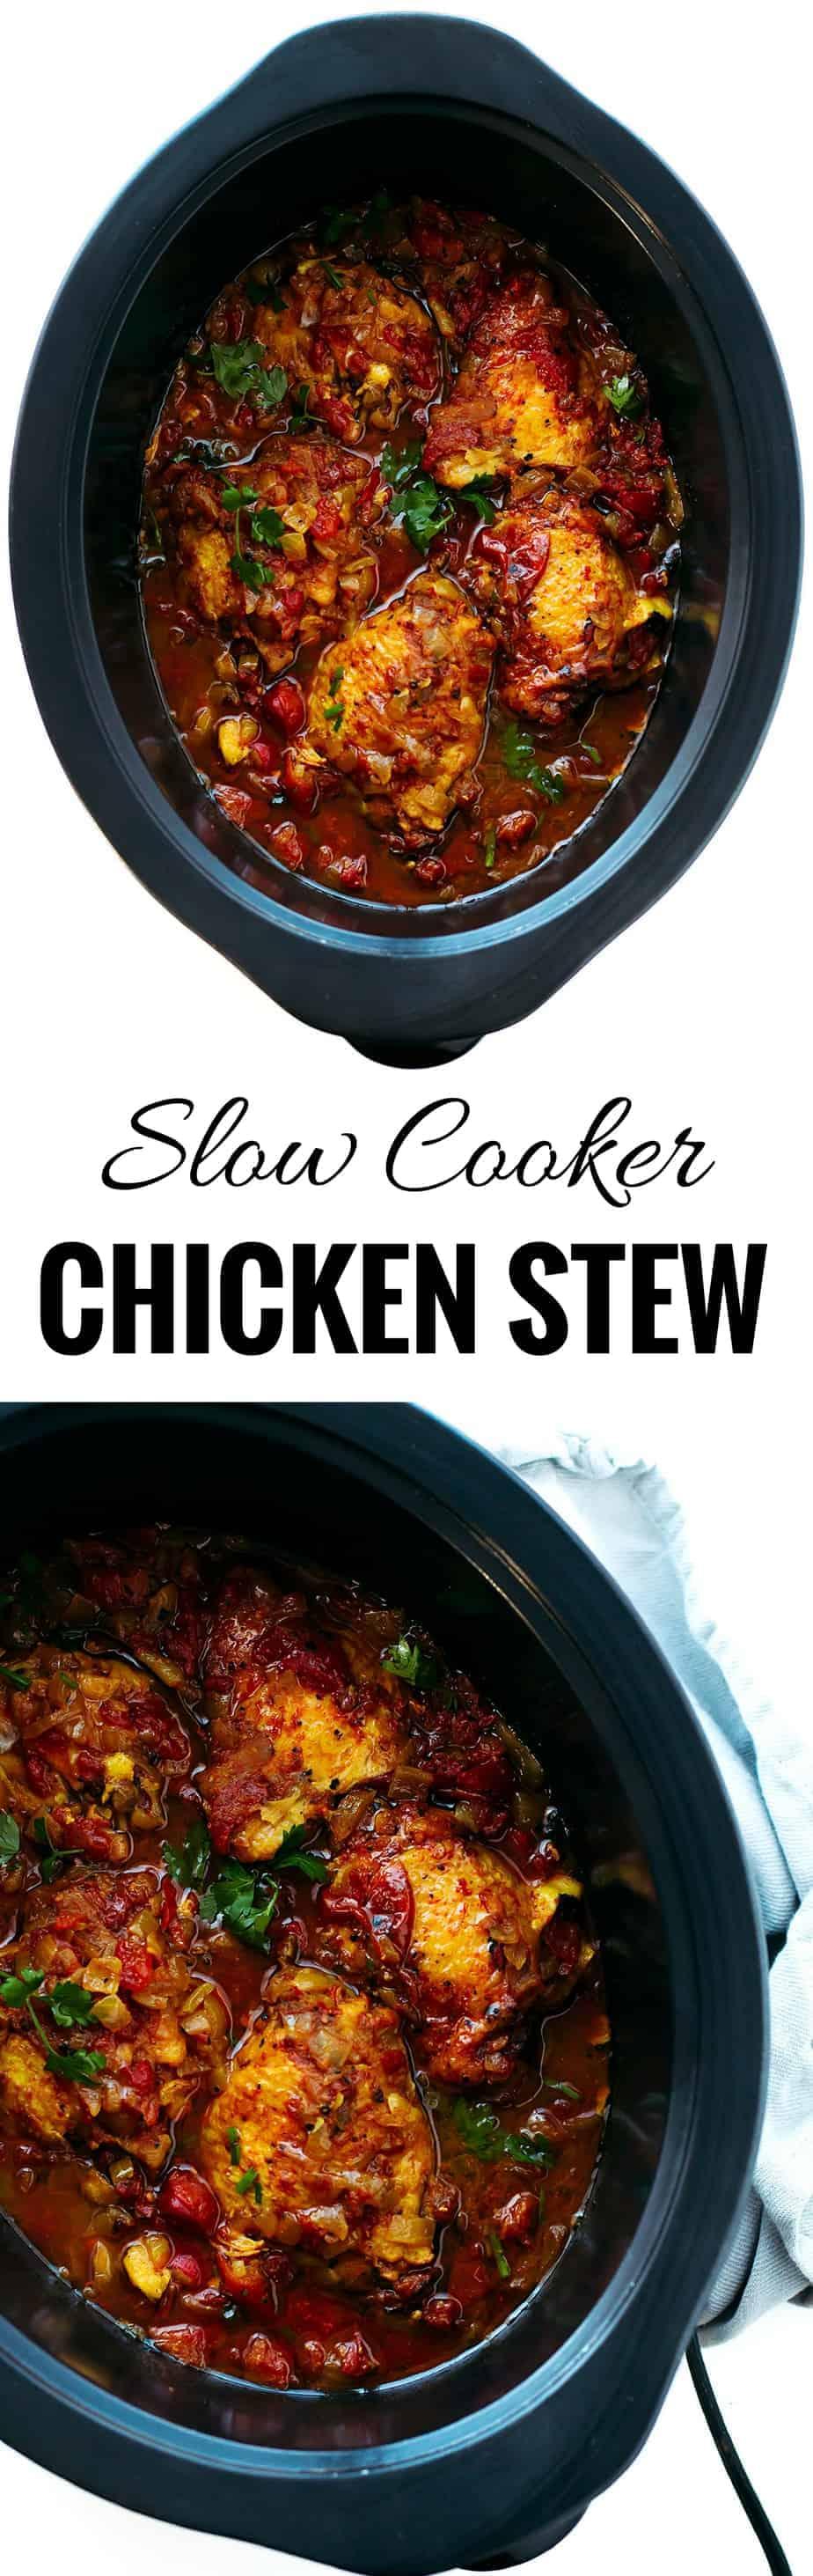 slow-cooker-chicken-stew-recipe